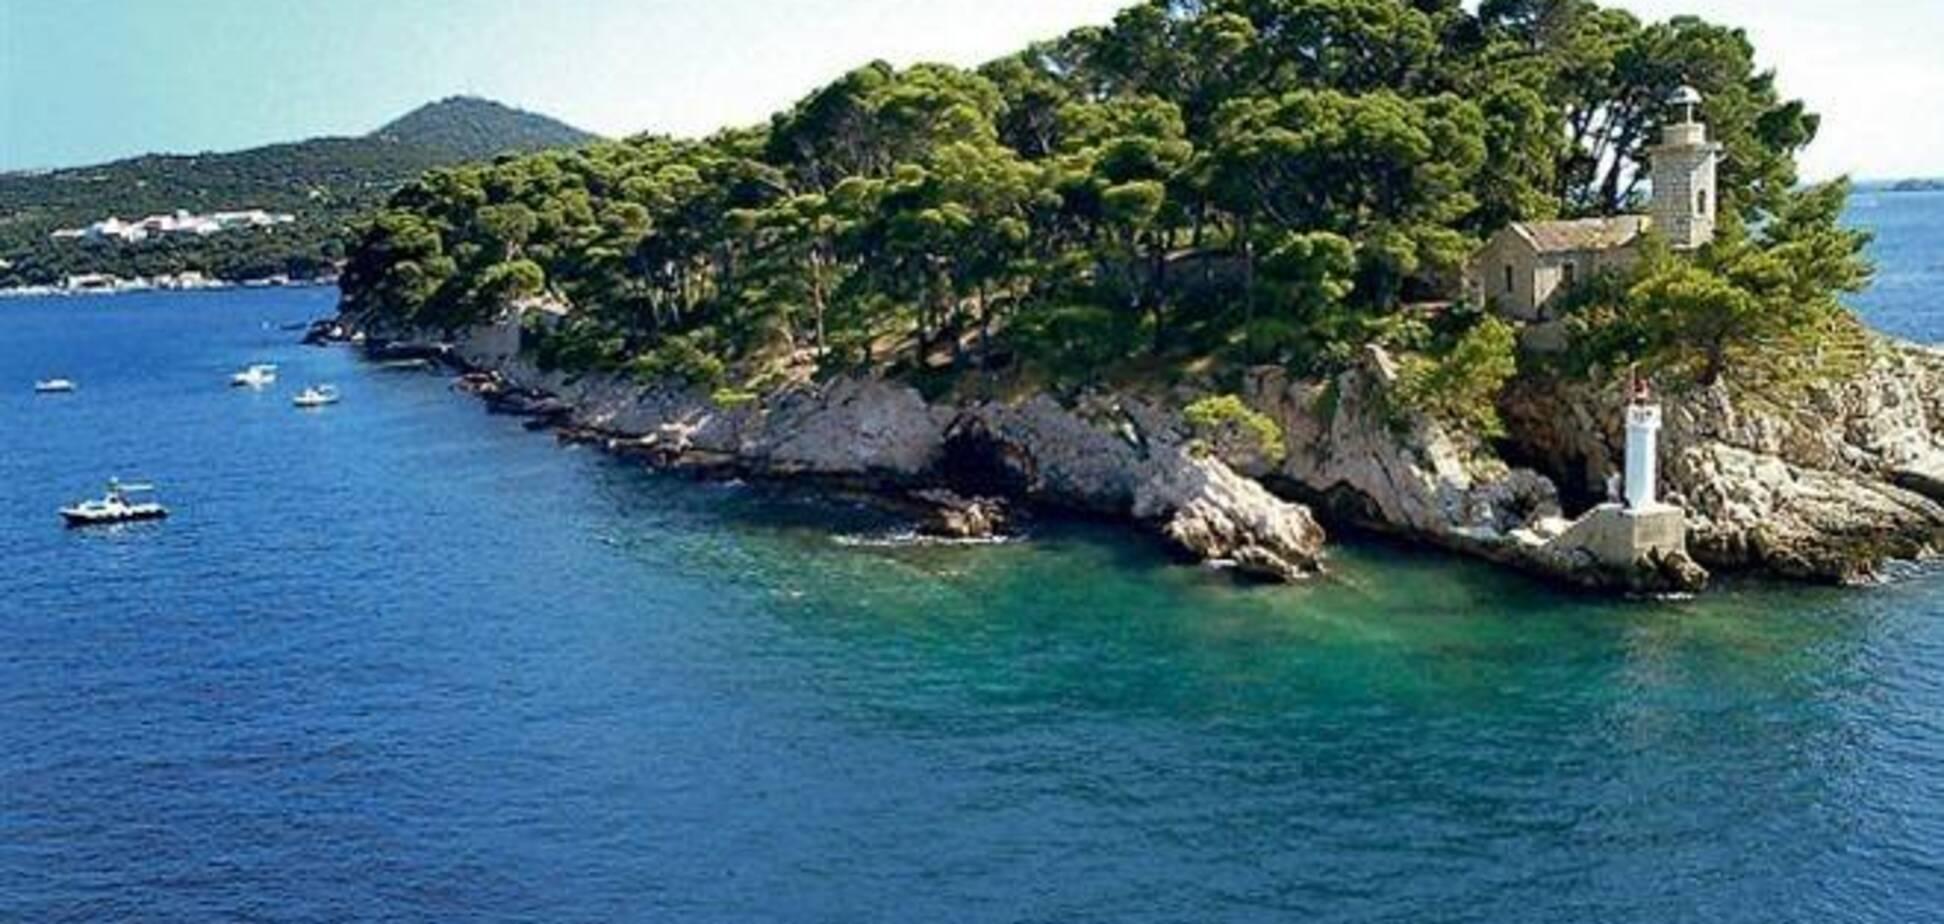 В Хорватии повторно выставили на продажу необитаемый остров